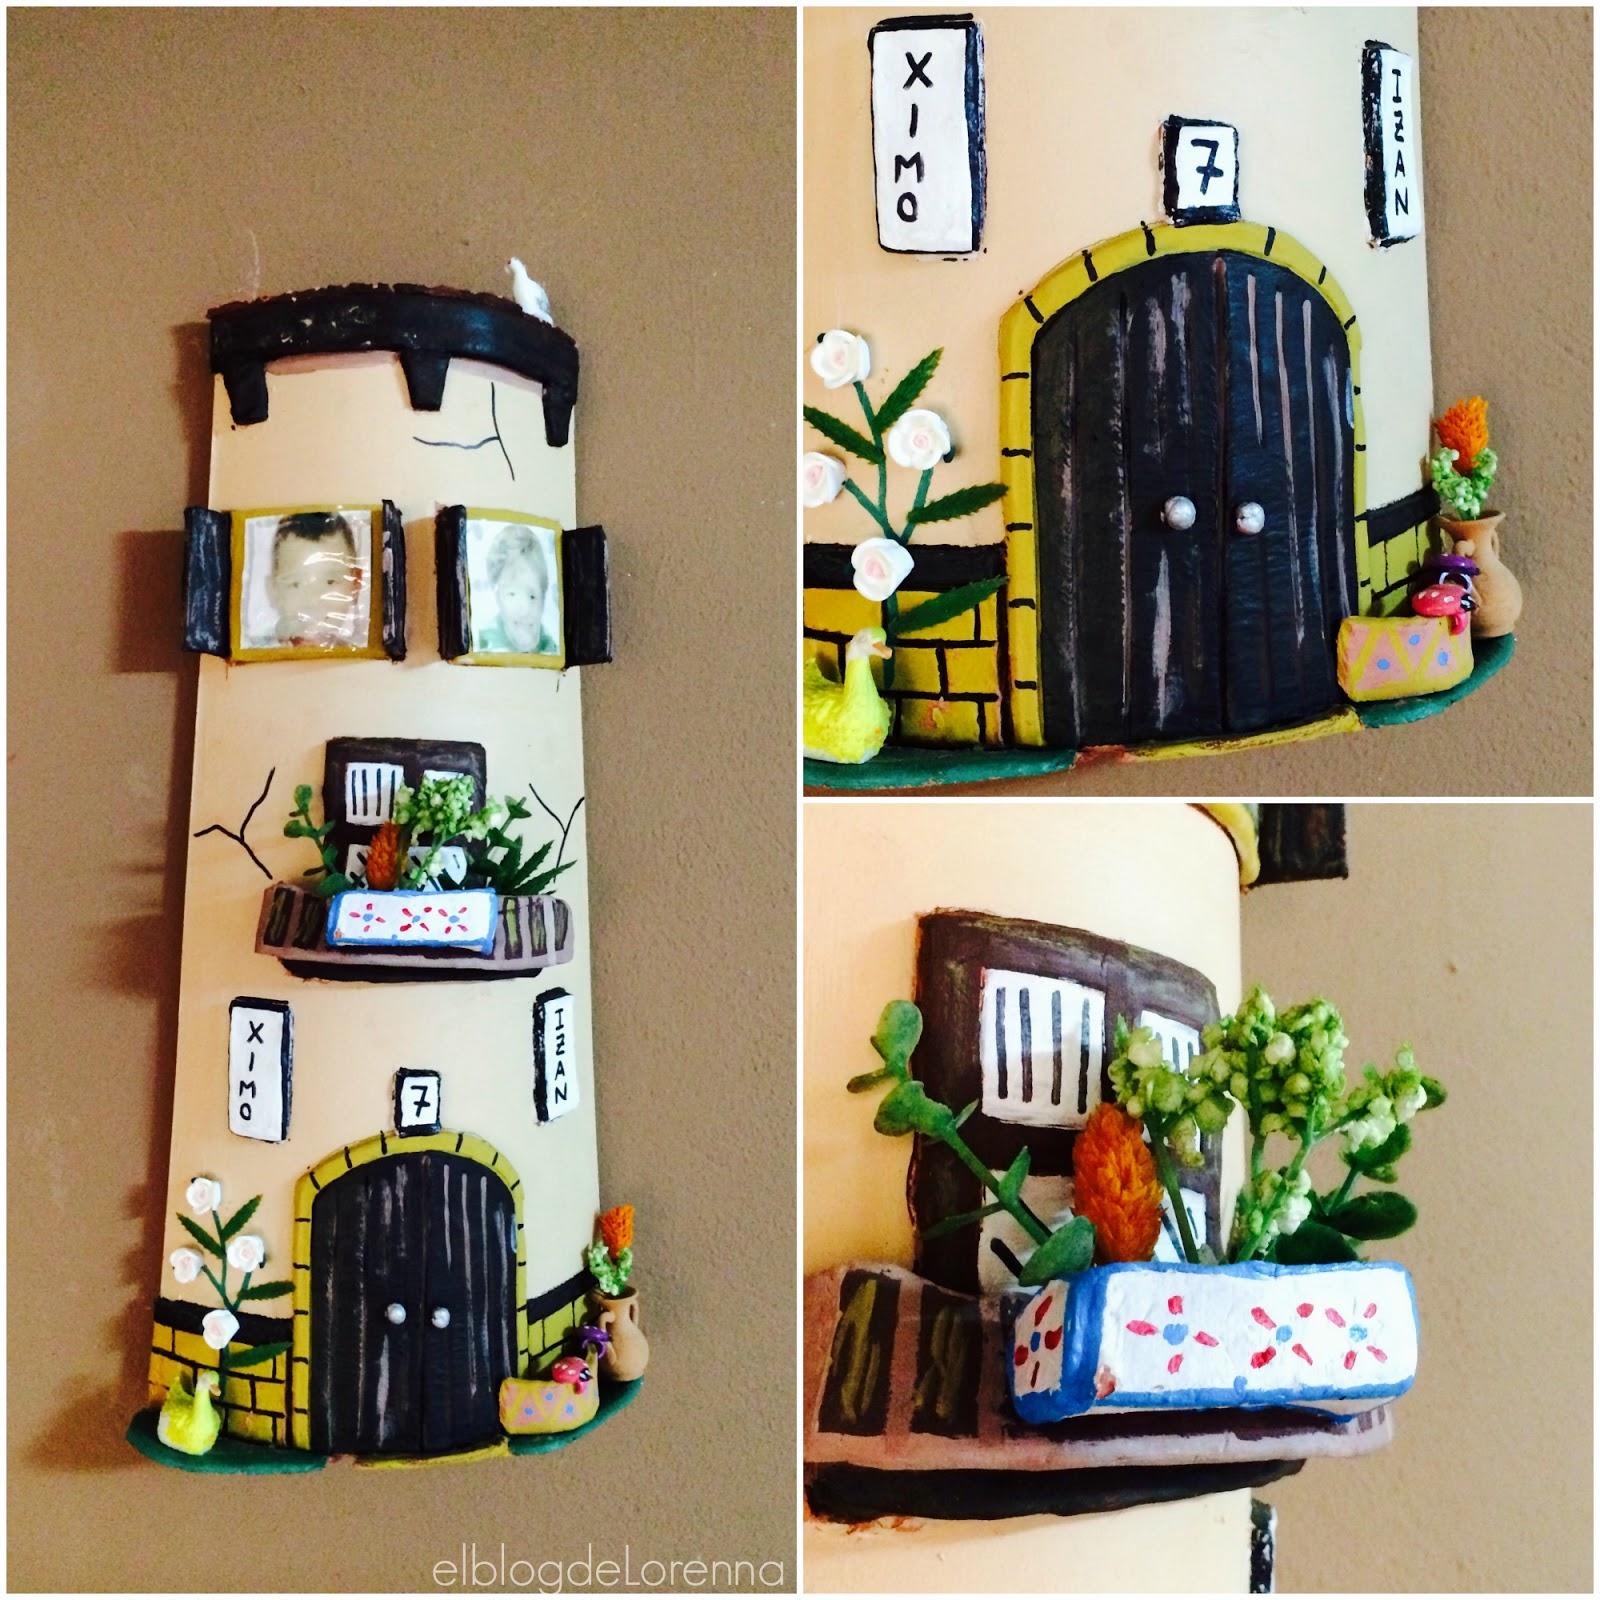 El blog de lorenna tejas decoradas - Tejas pequenas decoradas ...